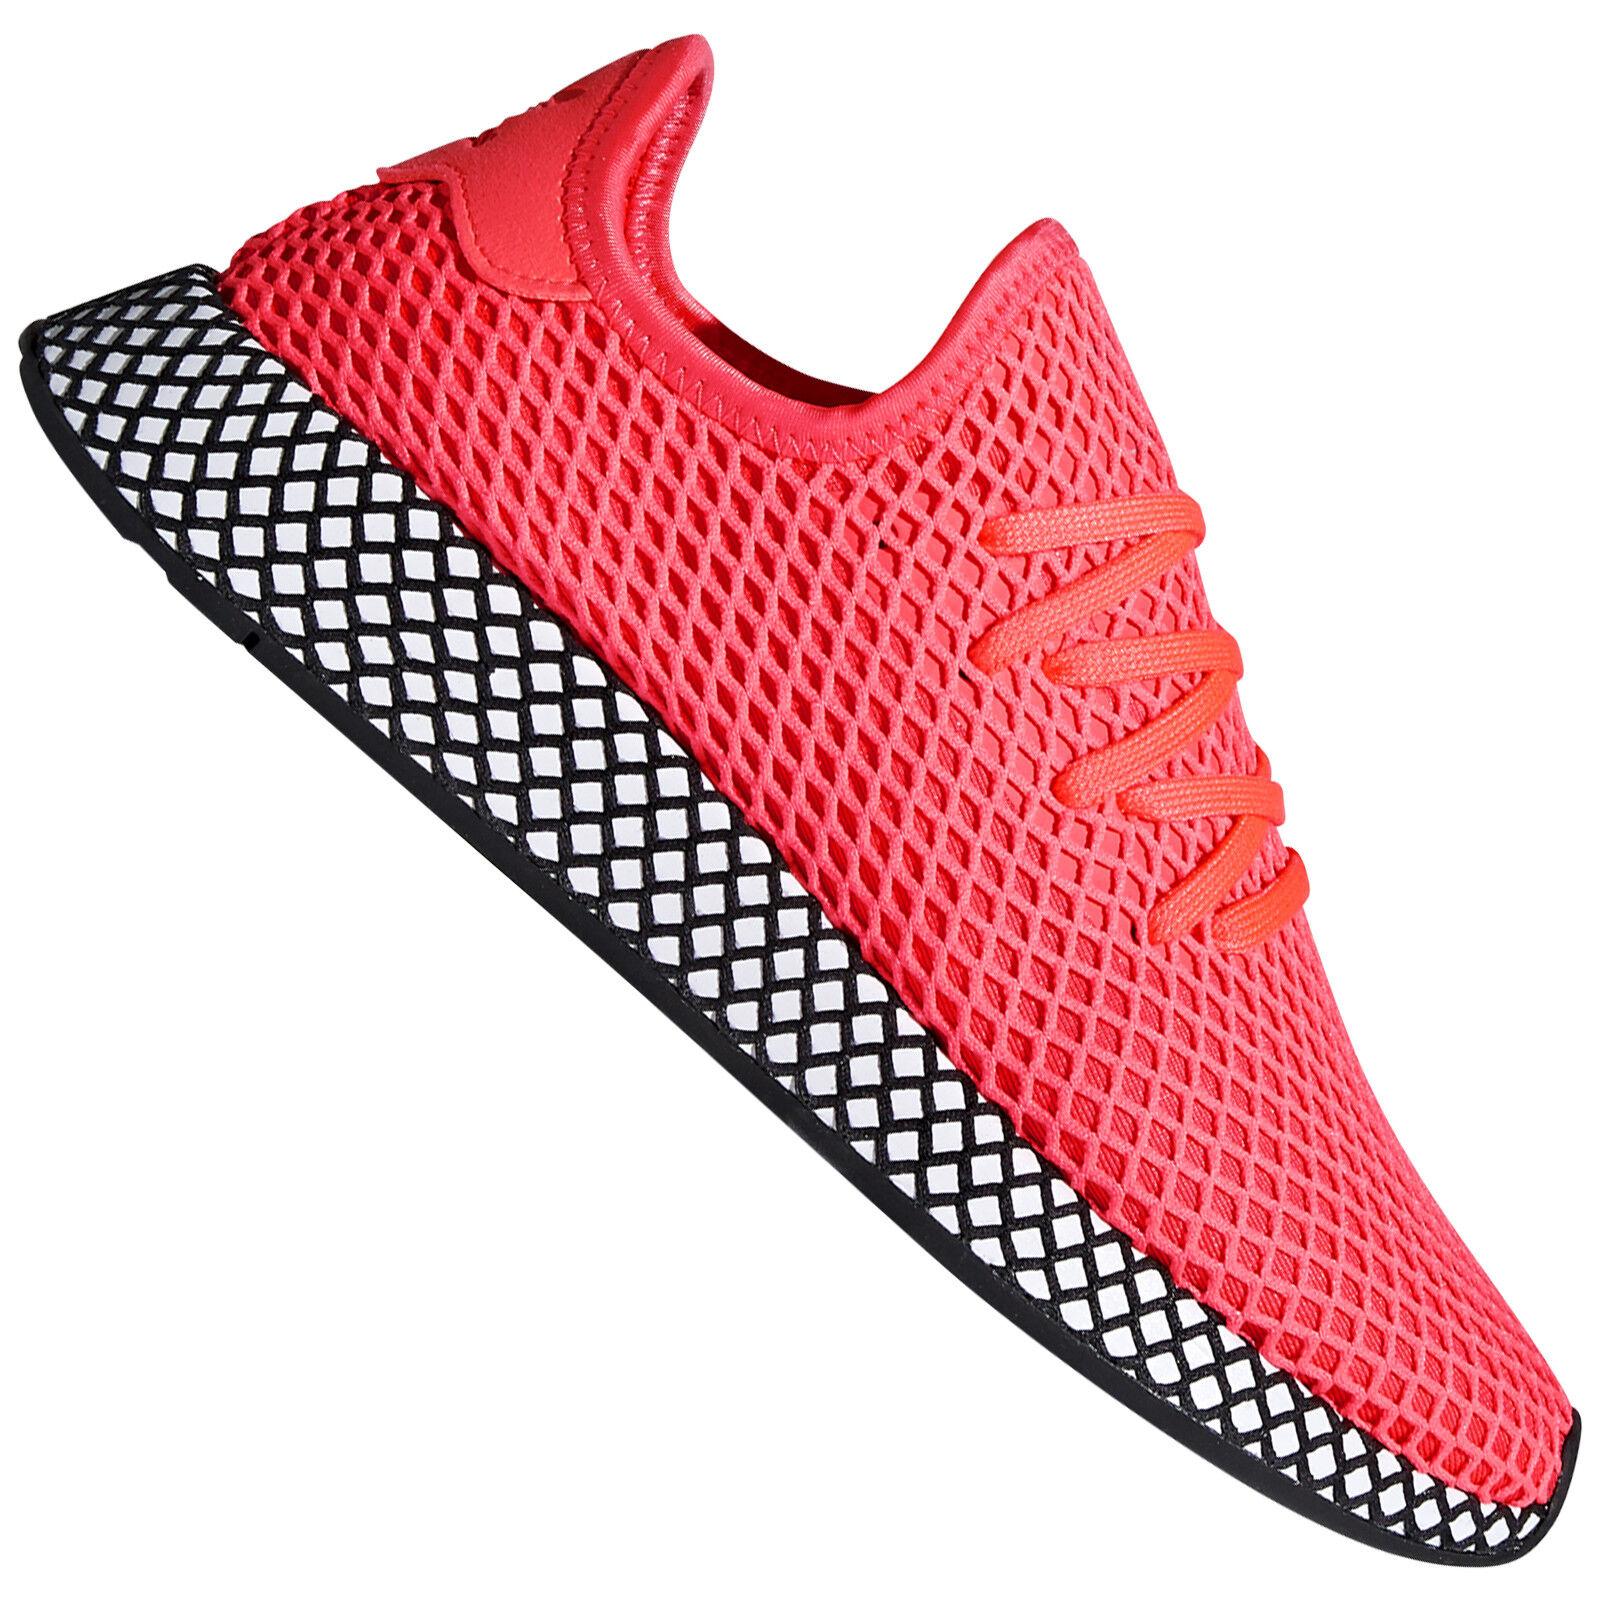 adidas Originals Deerupt Runner Herren-Sneaker Turnschuhe Sportschuhe Schuhe NEU